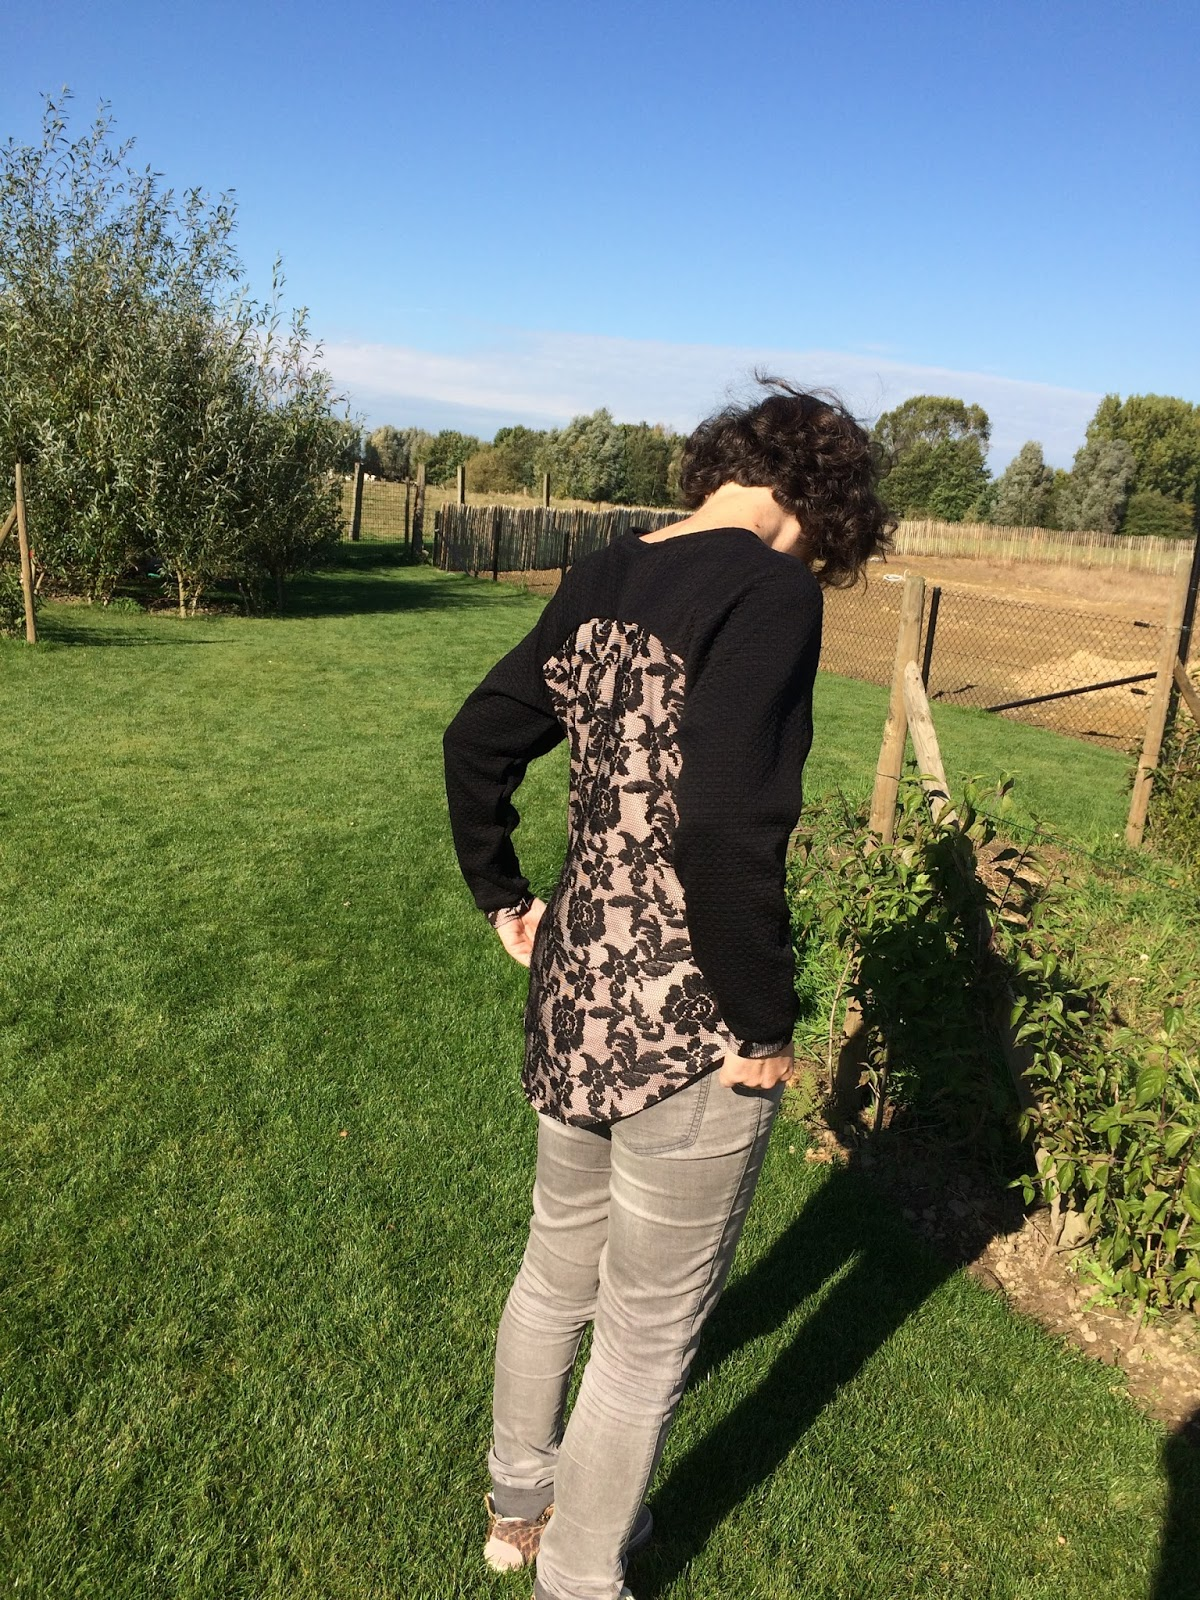 408706af9cefaa Door de speciale rug heeft het een streepje voor bij andere  sweaterpatronen